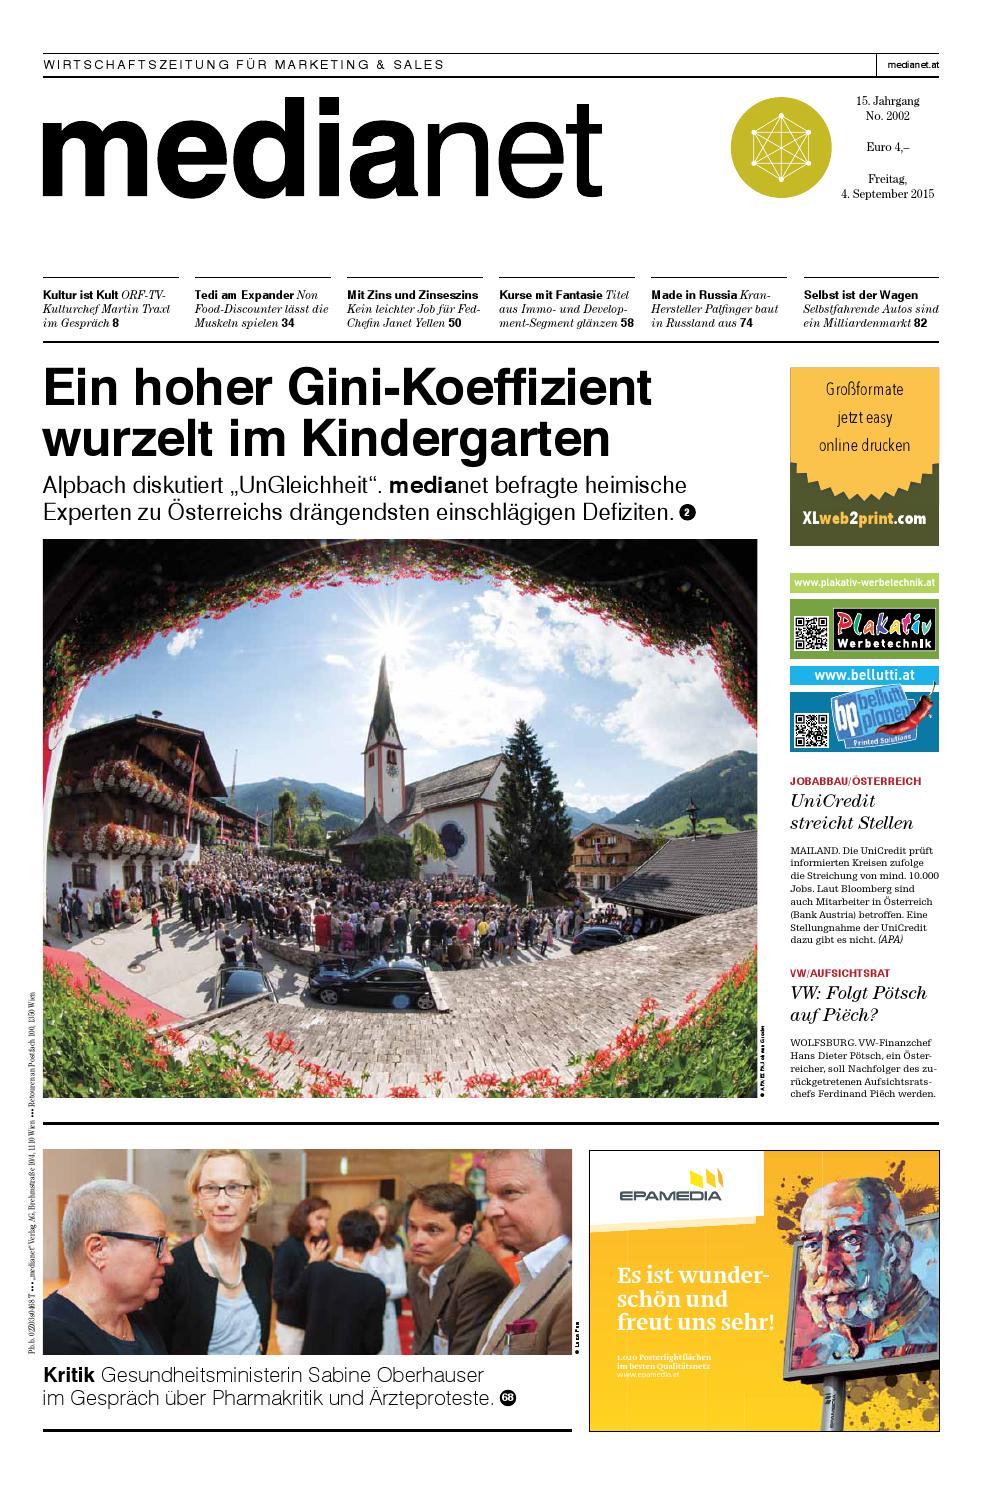 Kostenlos partnersuche in wolkersdorf im weinviertel: Wilhering